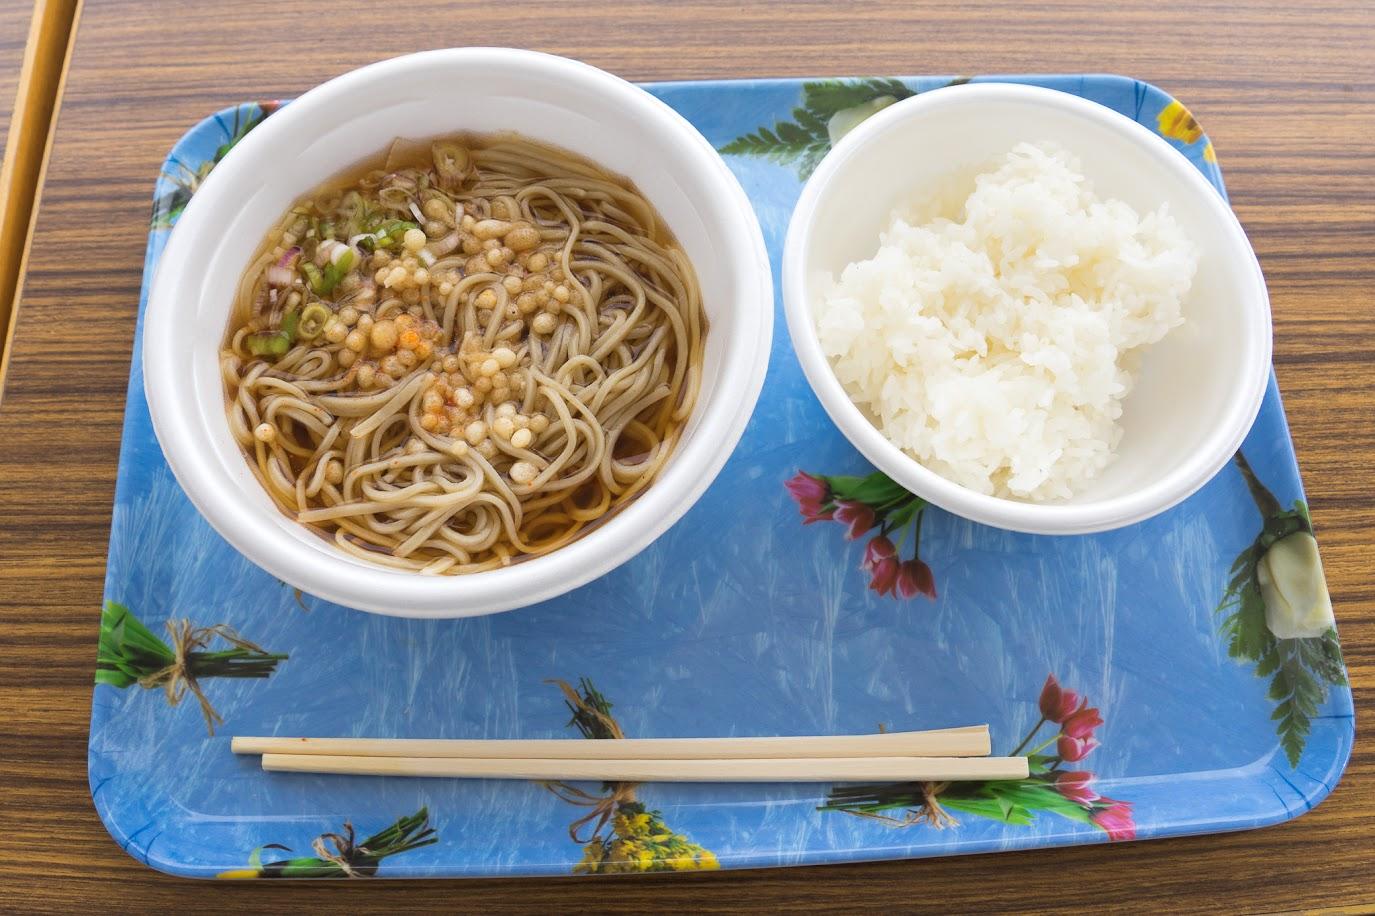 新そばと新米のご飯(おぼろづき)